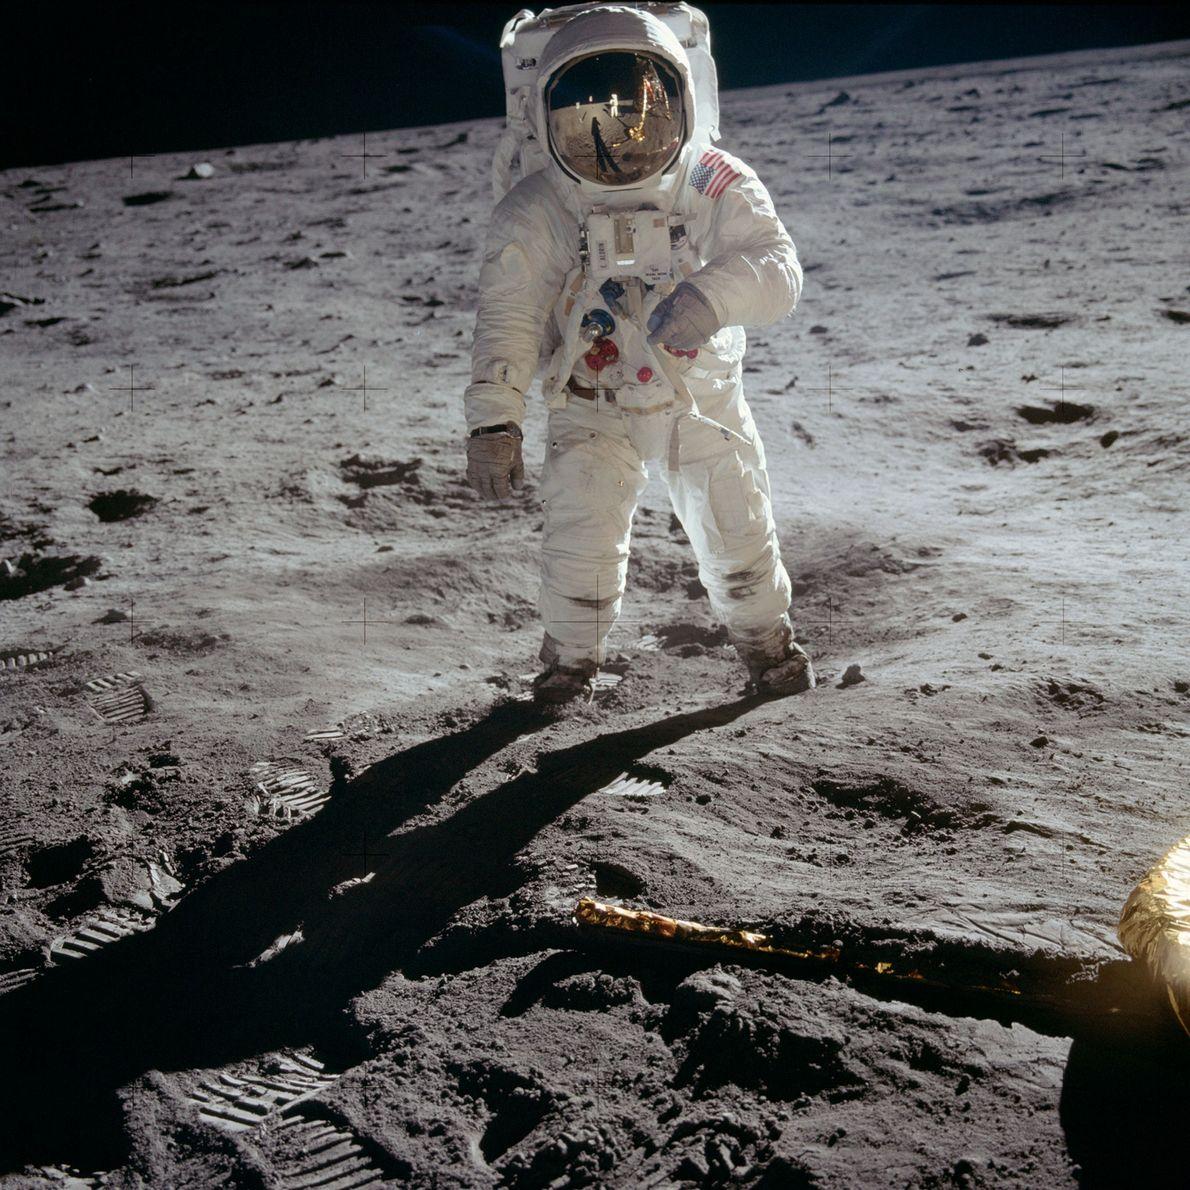 """Edwin """"Buzz"""" Aldrin se encuentra de pie sobre la superficie lunar, una fotografía icónica tomada por …"""